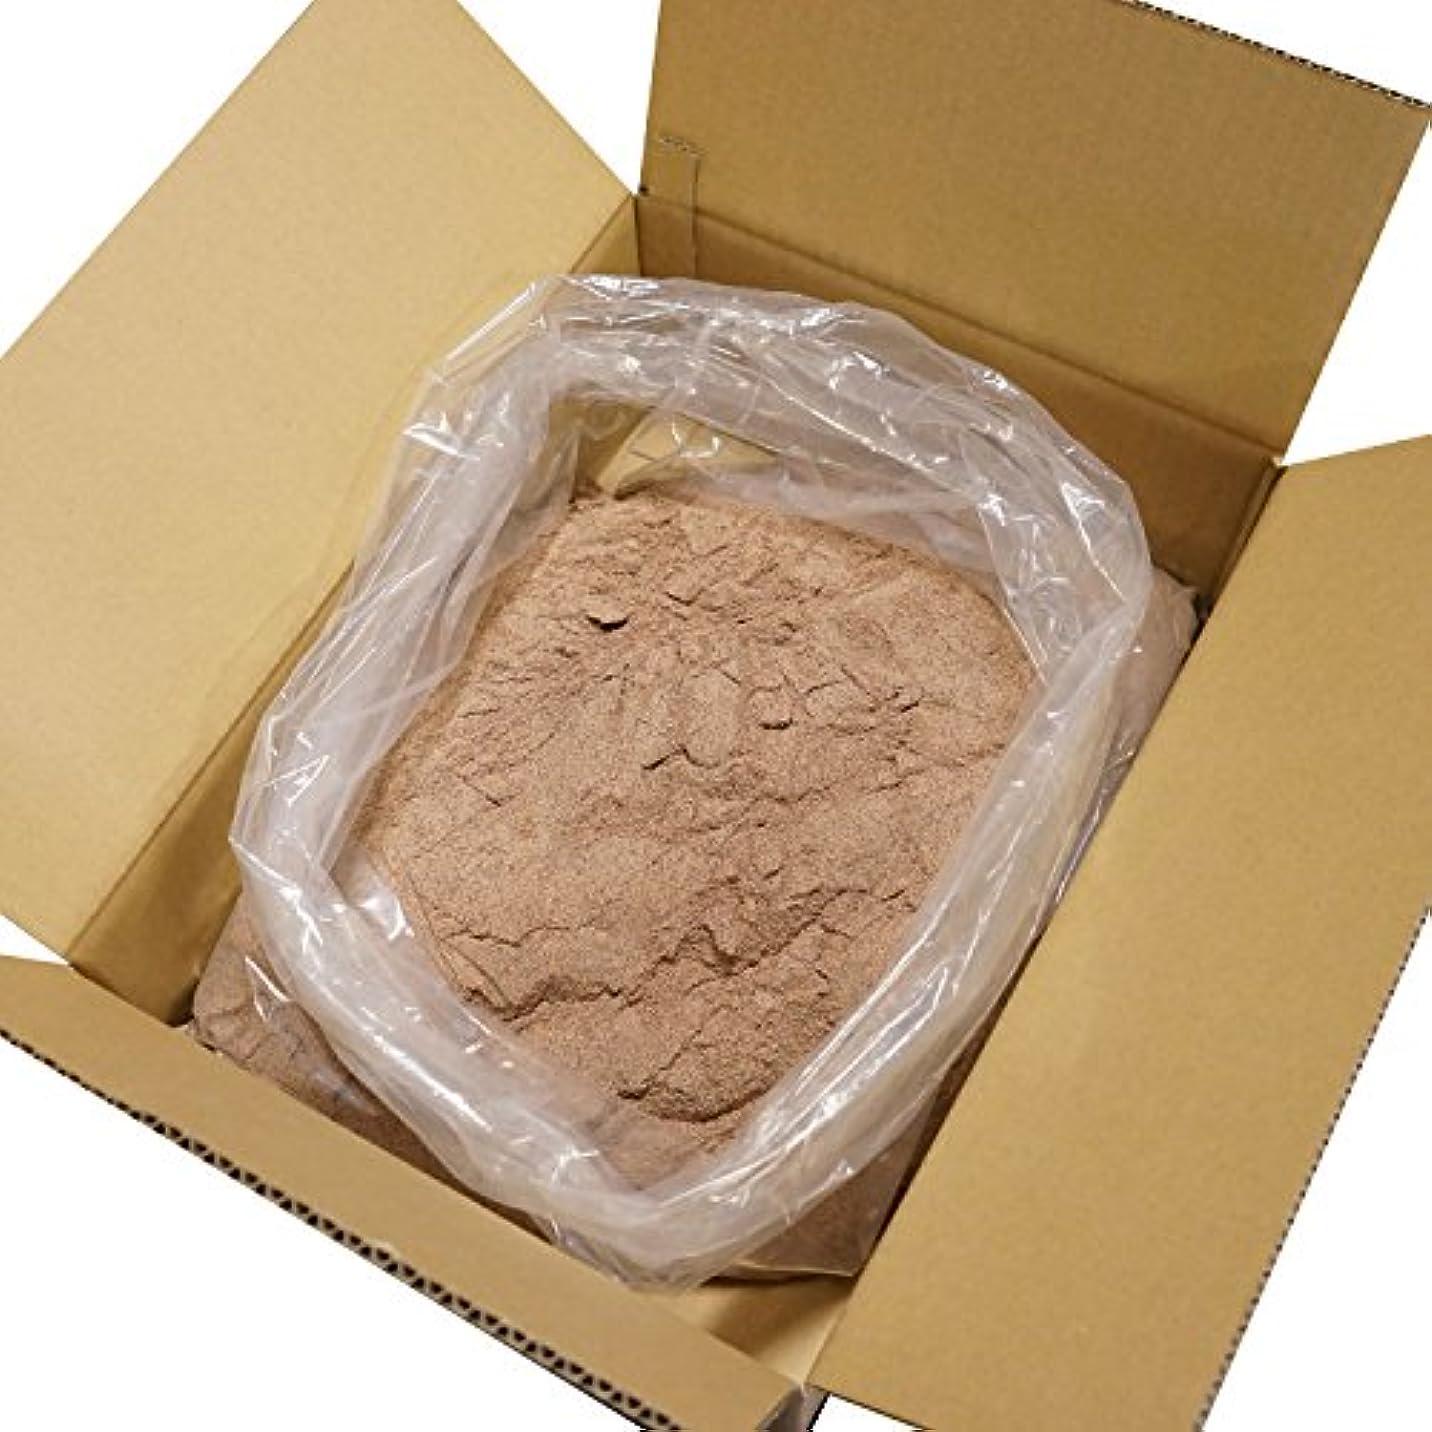 会議全体監査ヒマラヤ 岩塩 ブラック パウダー 細粒タイプ 業務用 原料 (5kg)